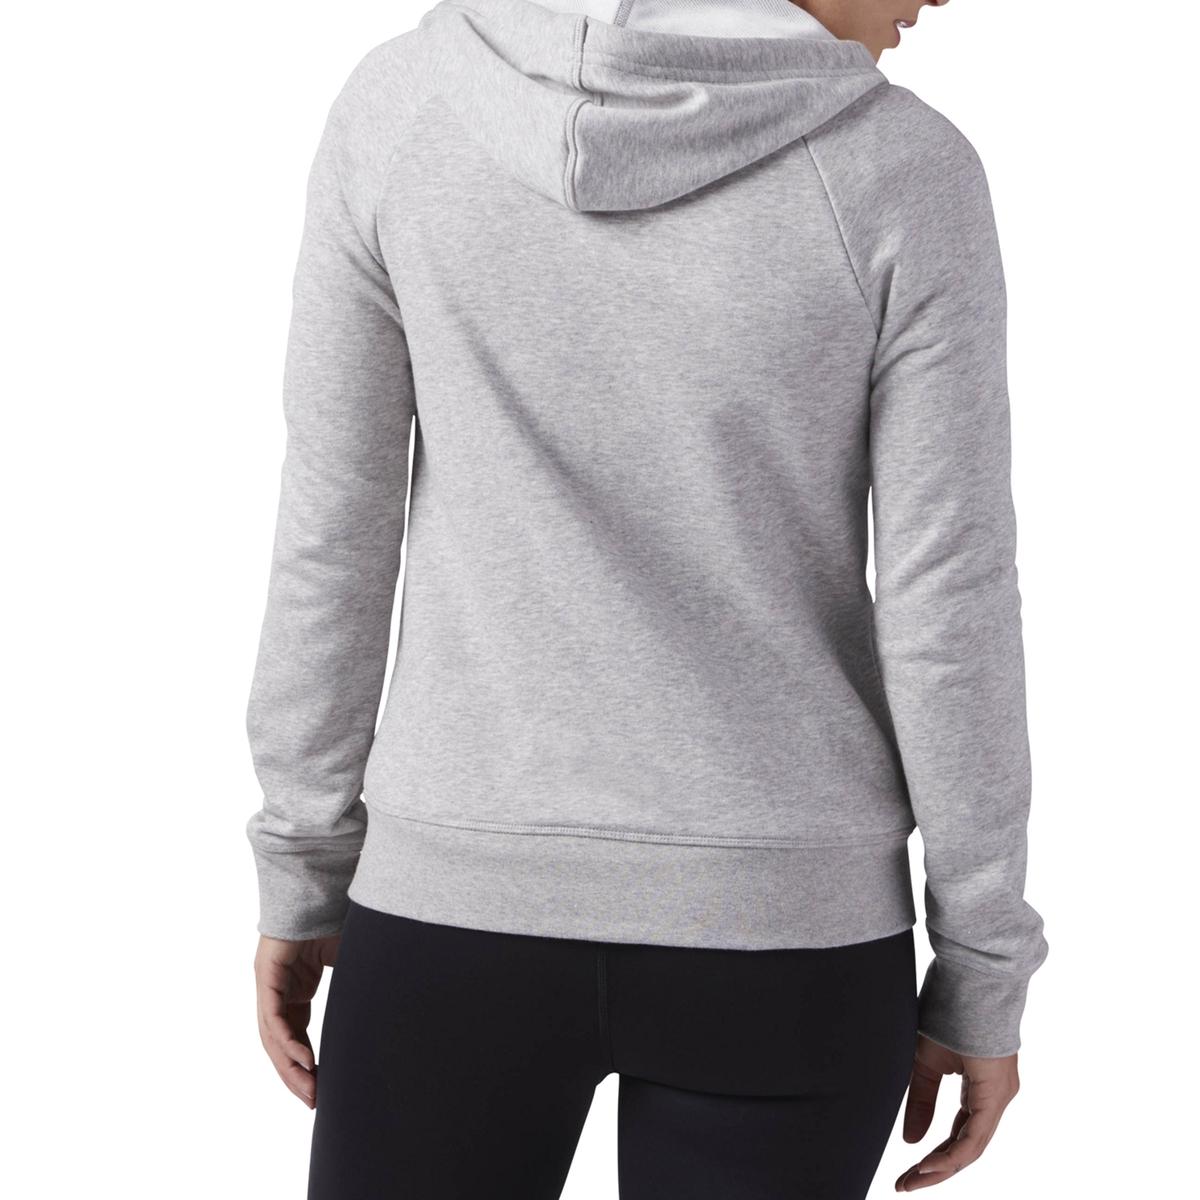 Imagen secundaria de producto de Sudadera con capucha y logotipo en el bolsillo - Reebok